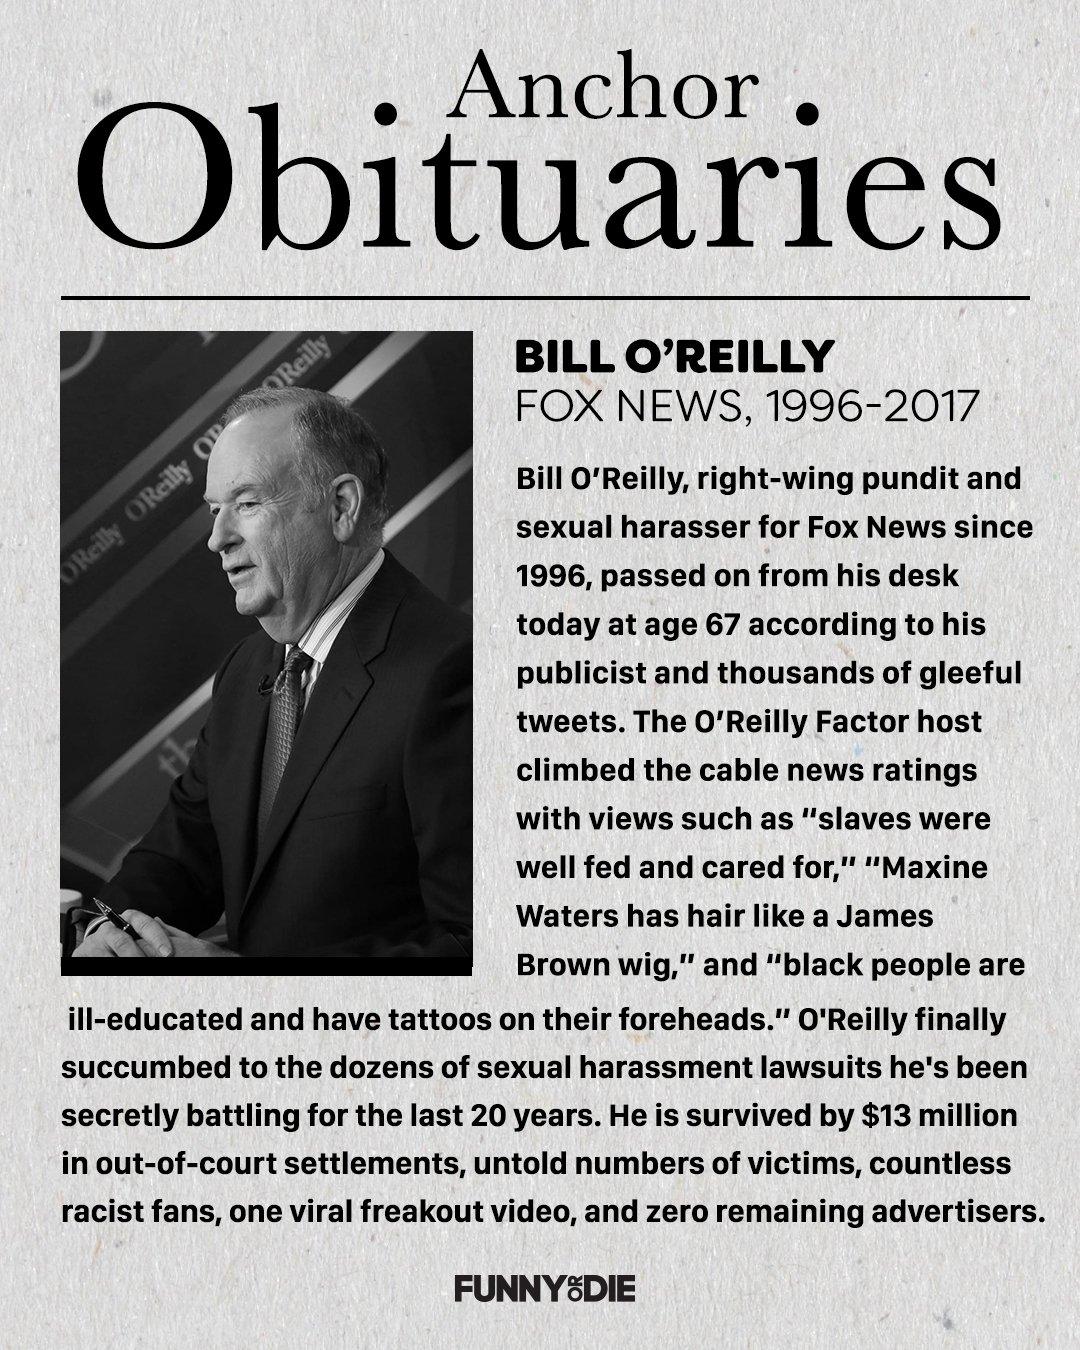 RIP Fox News Channel anchor Bill O'Reilly. Gross but not forgotten. https://t.co/rli7A89vJG